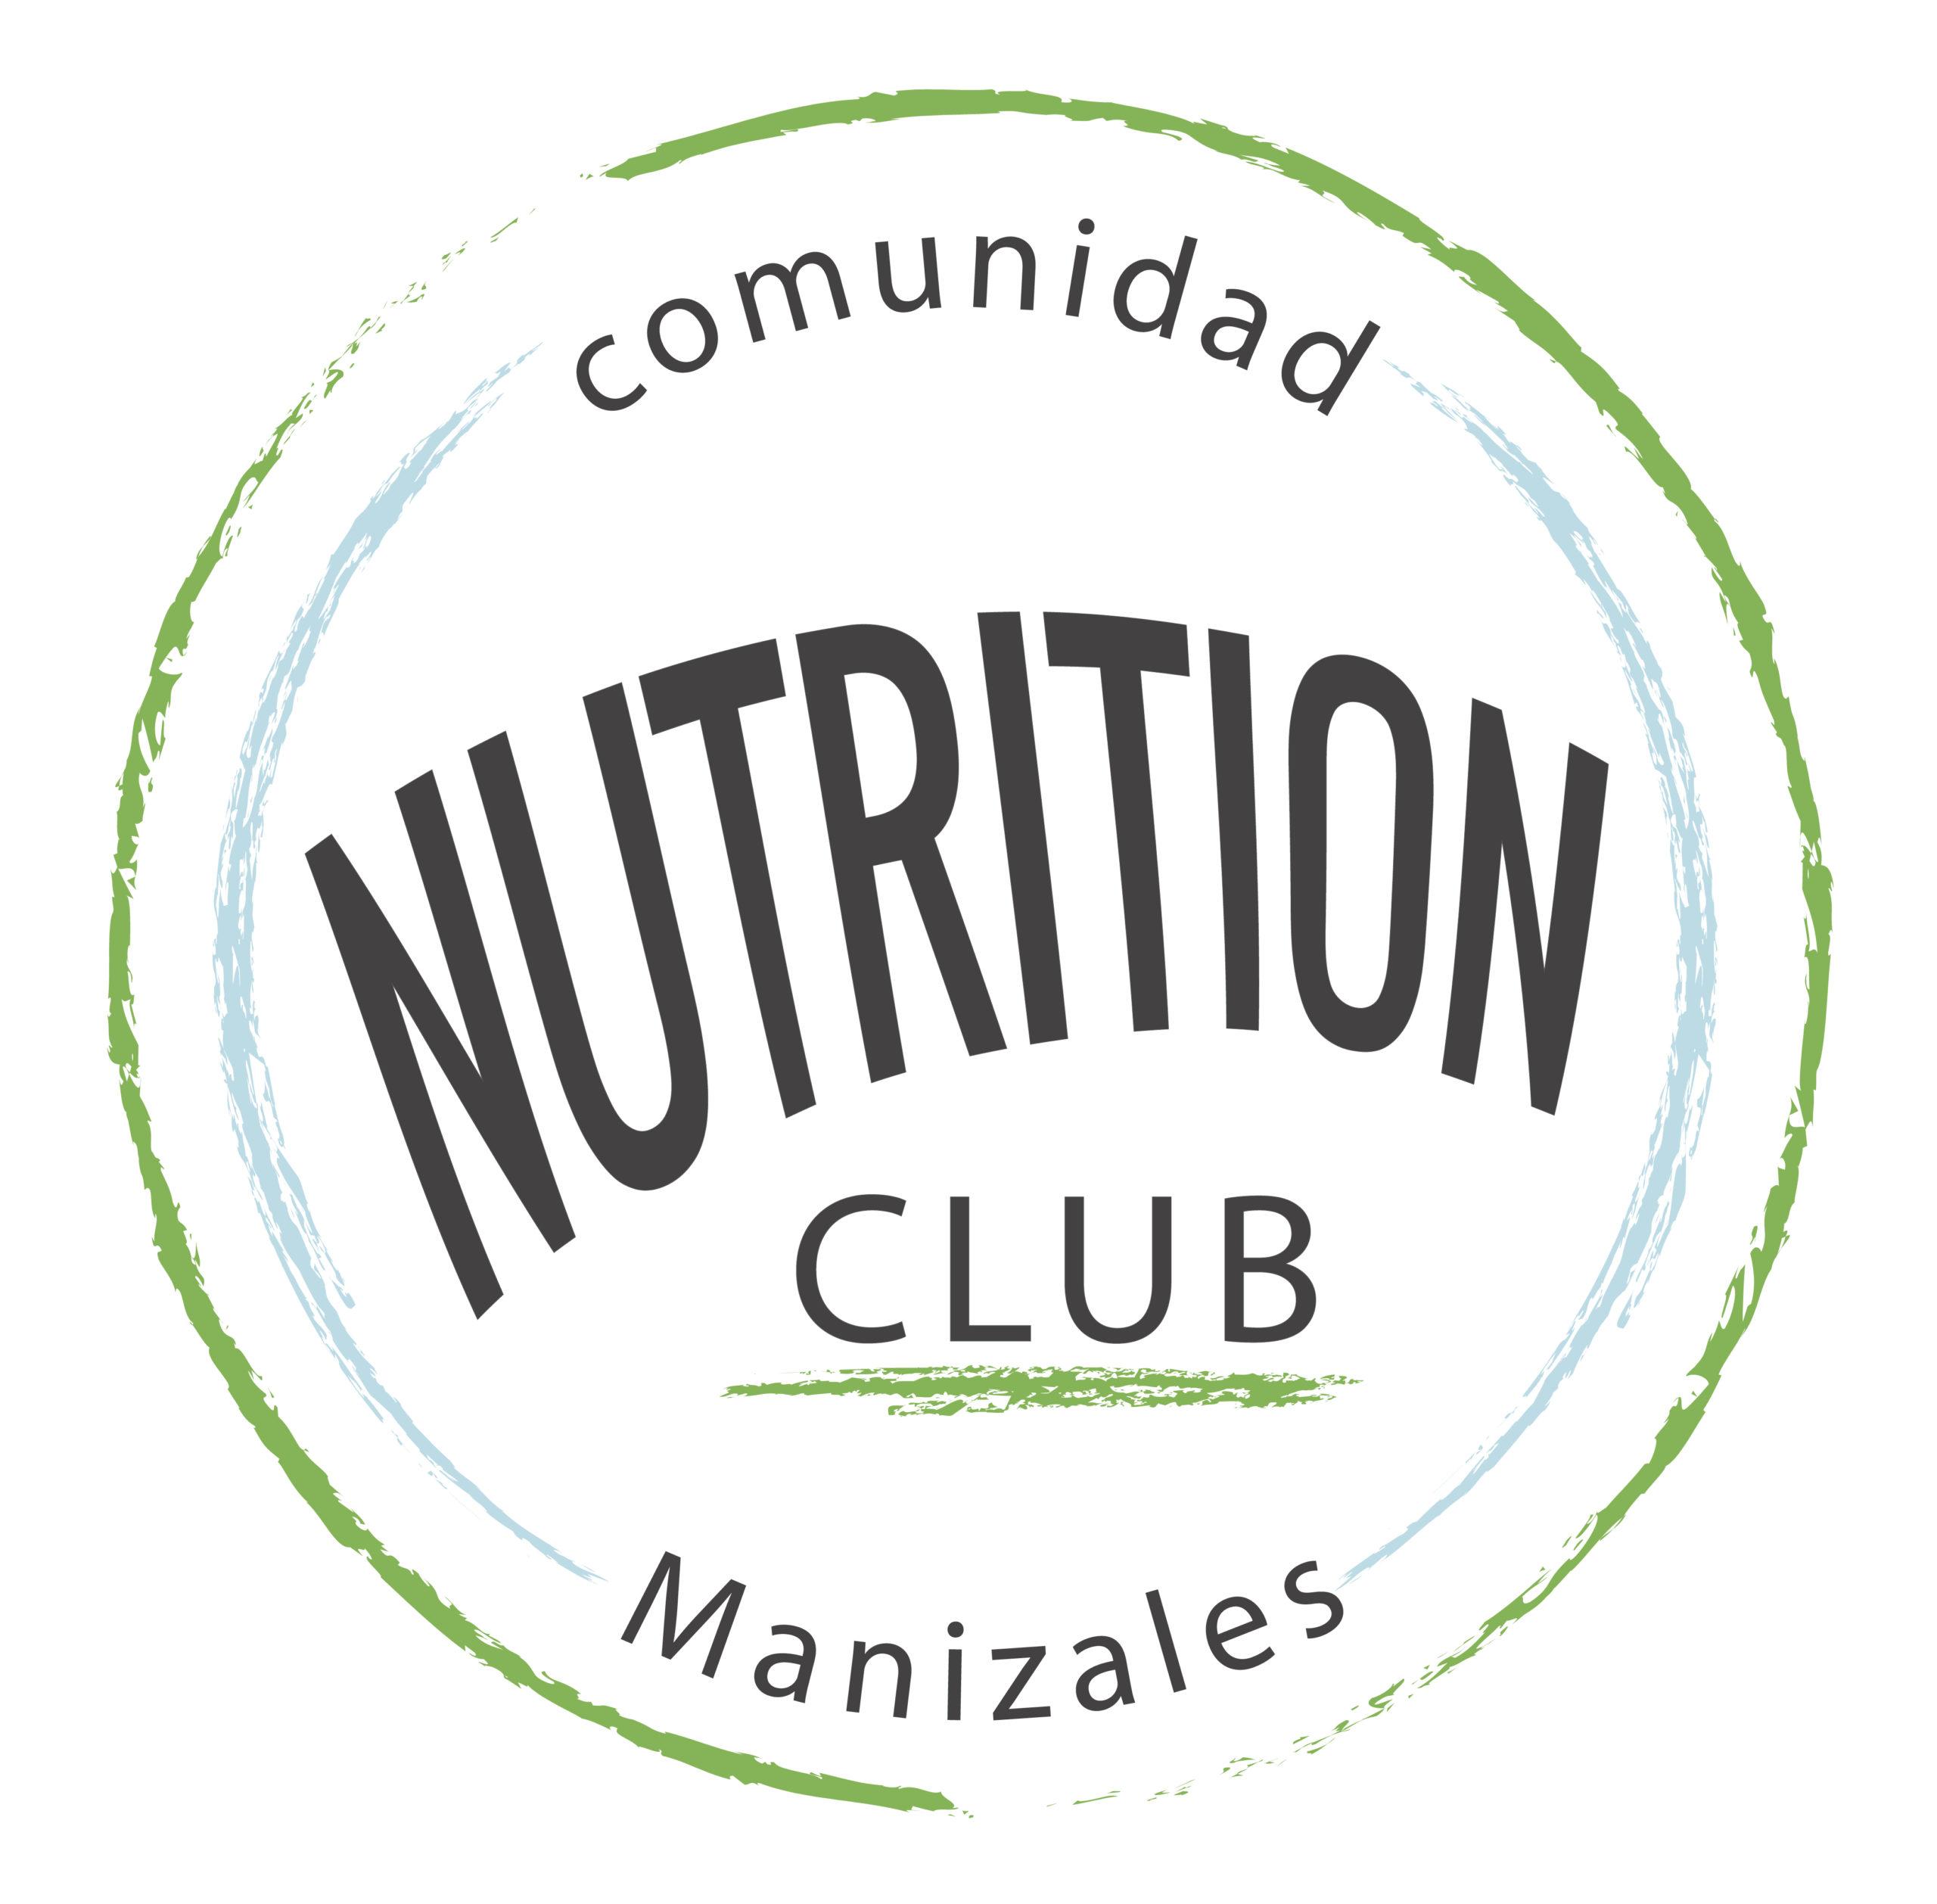 Nutricon Club Manizales